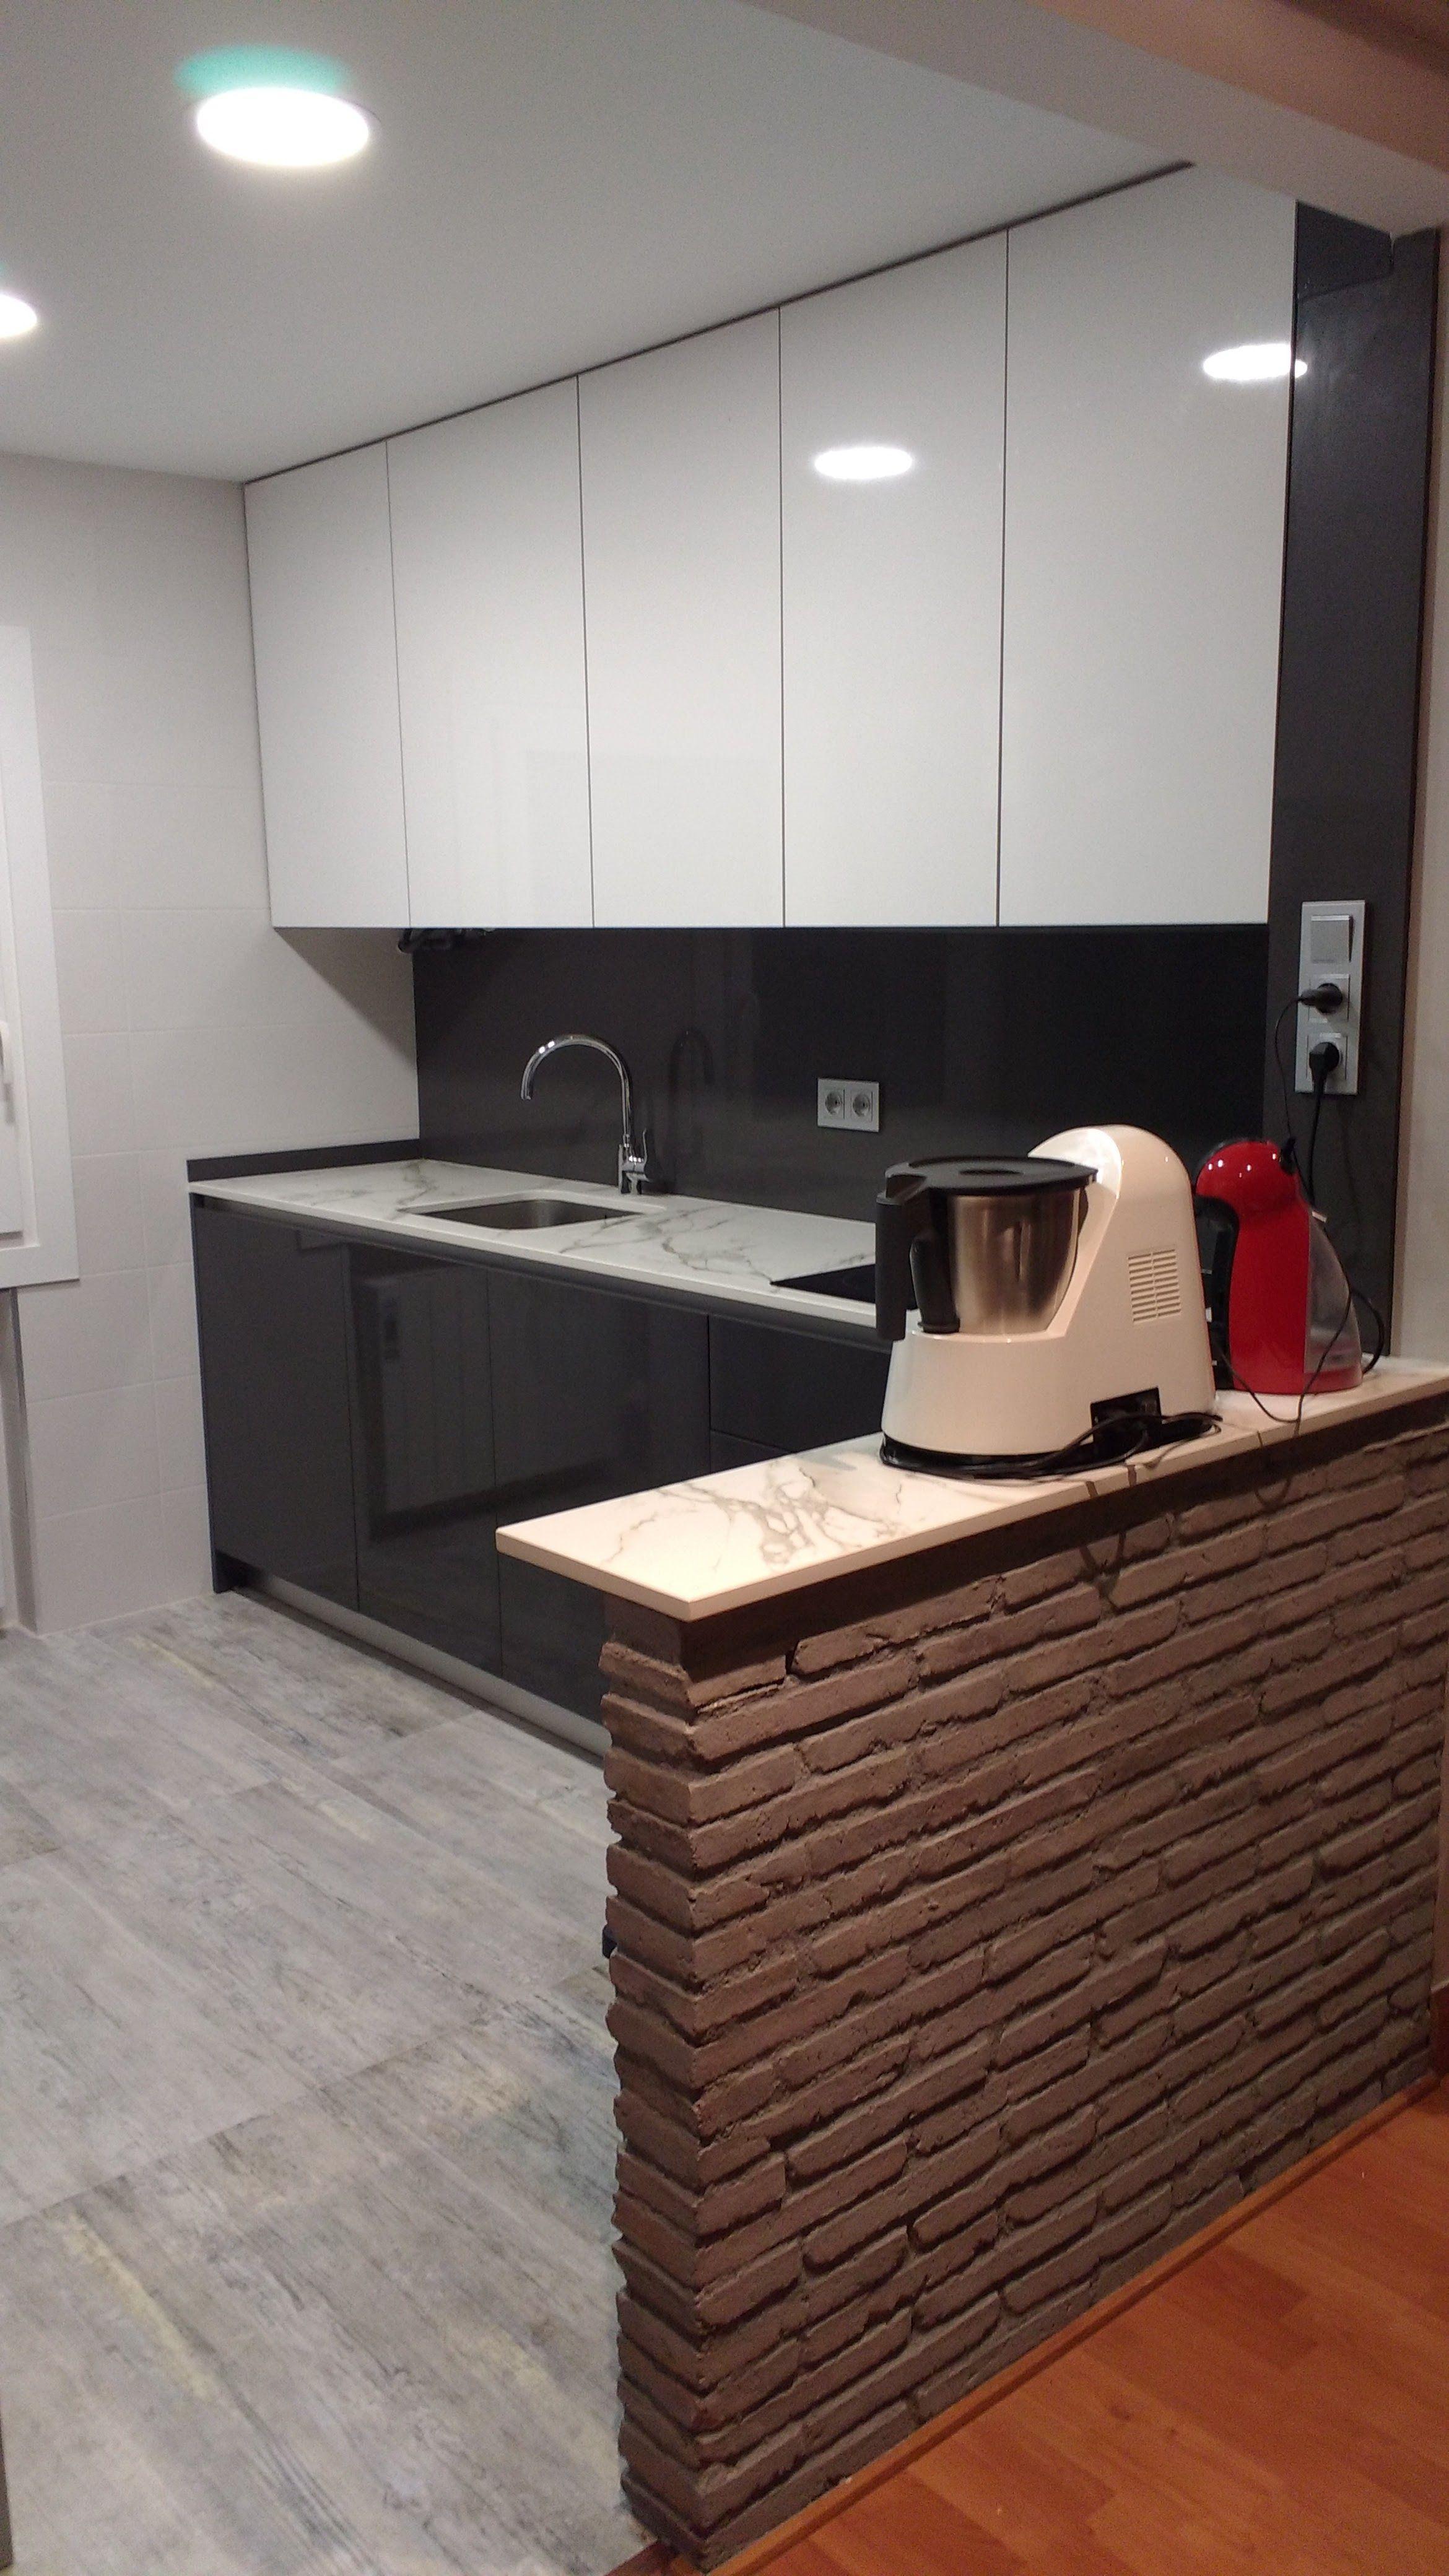 Foto 9 de Muebles de cocina y baño en Andoain | Tecnicocina